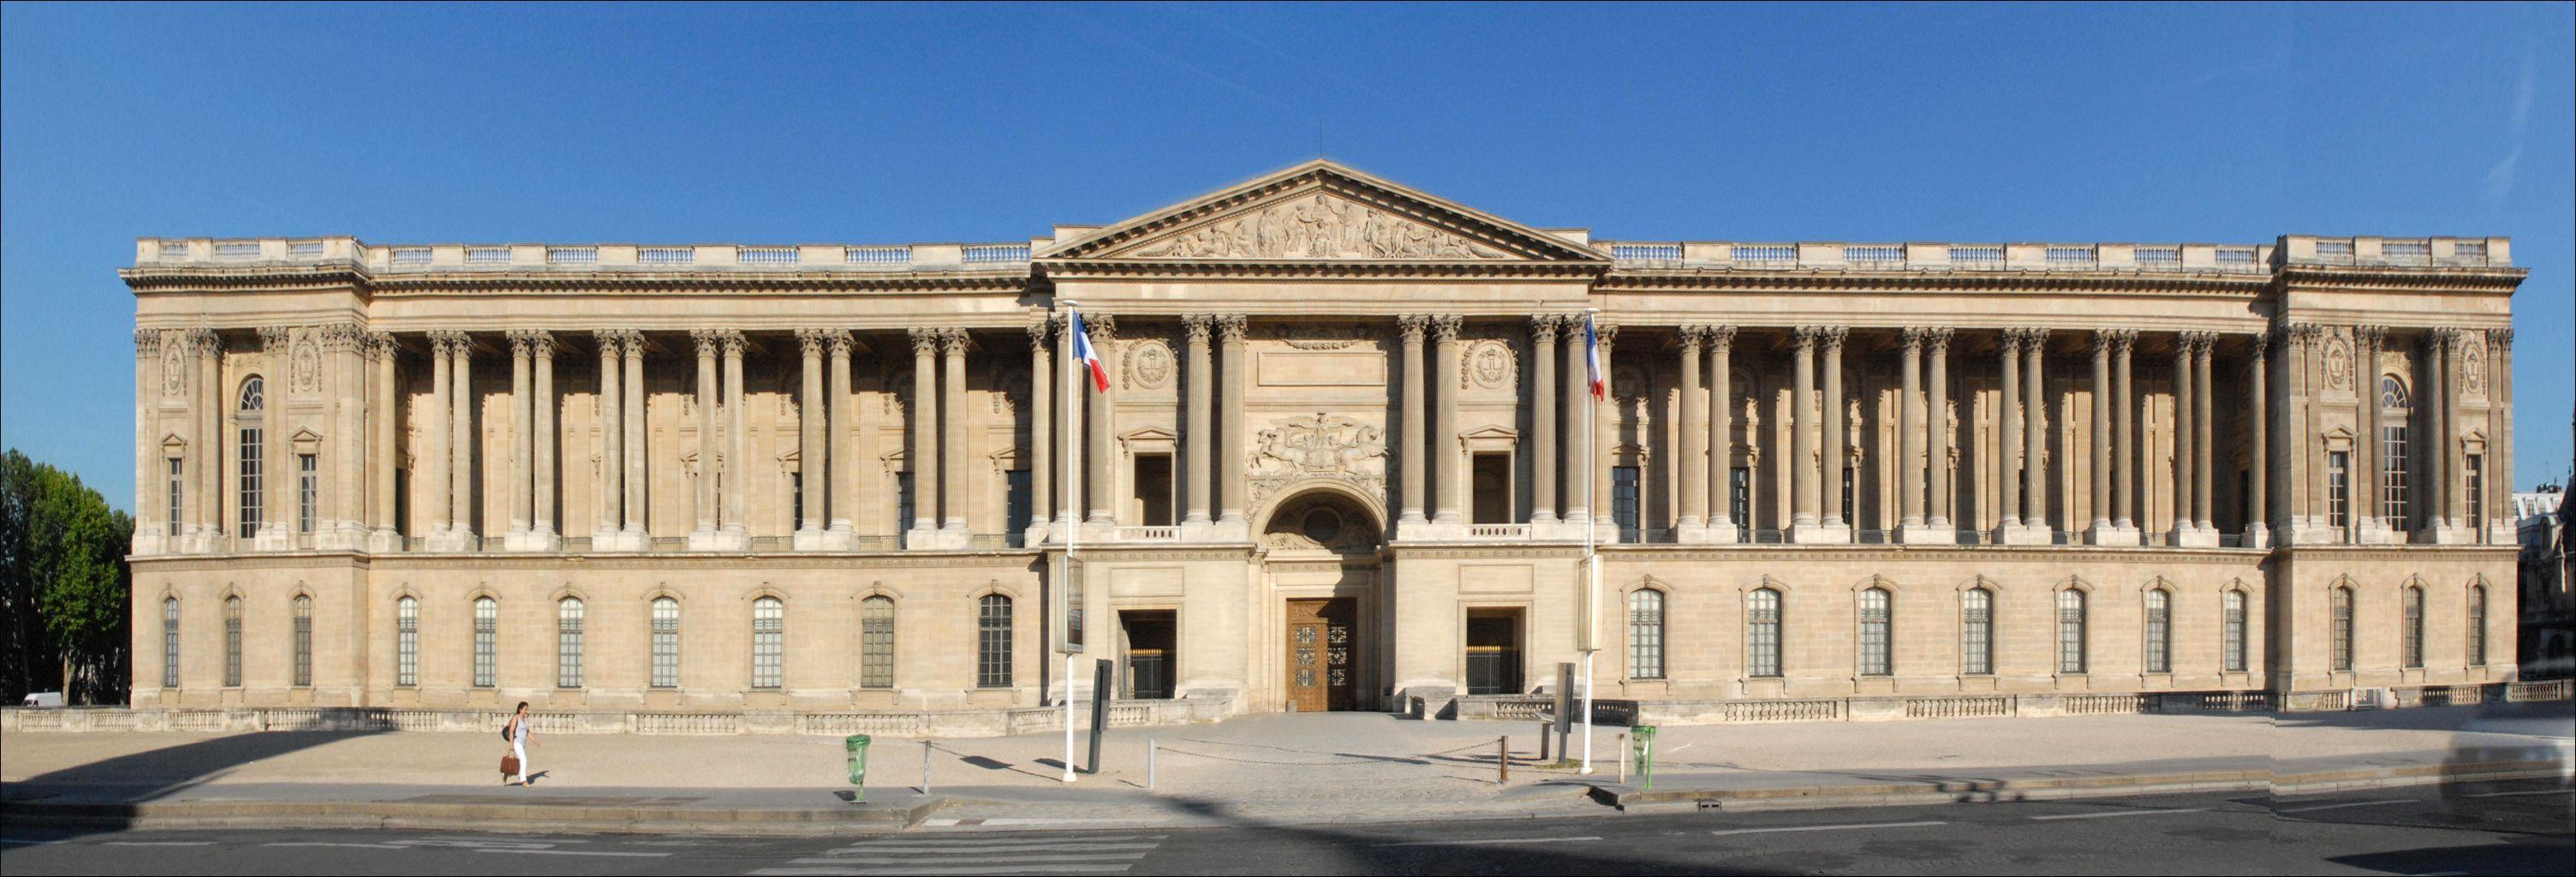 1670 la colonnade du louvre constitue la fa ade for Architecture orientale